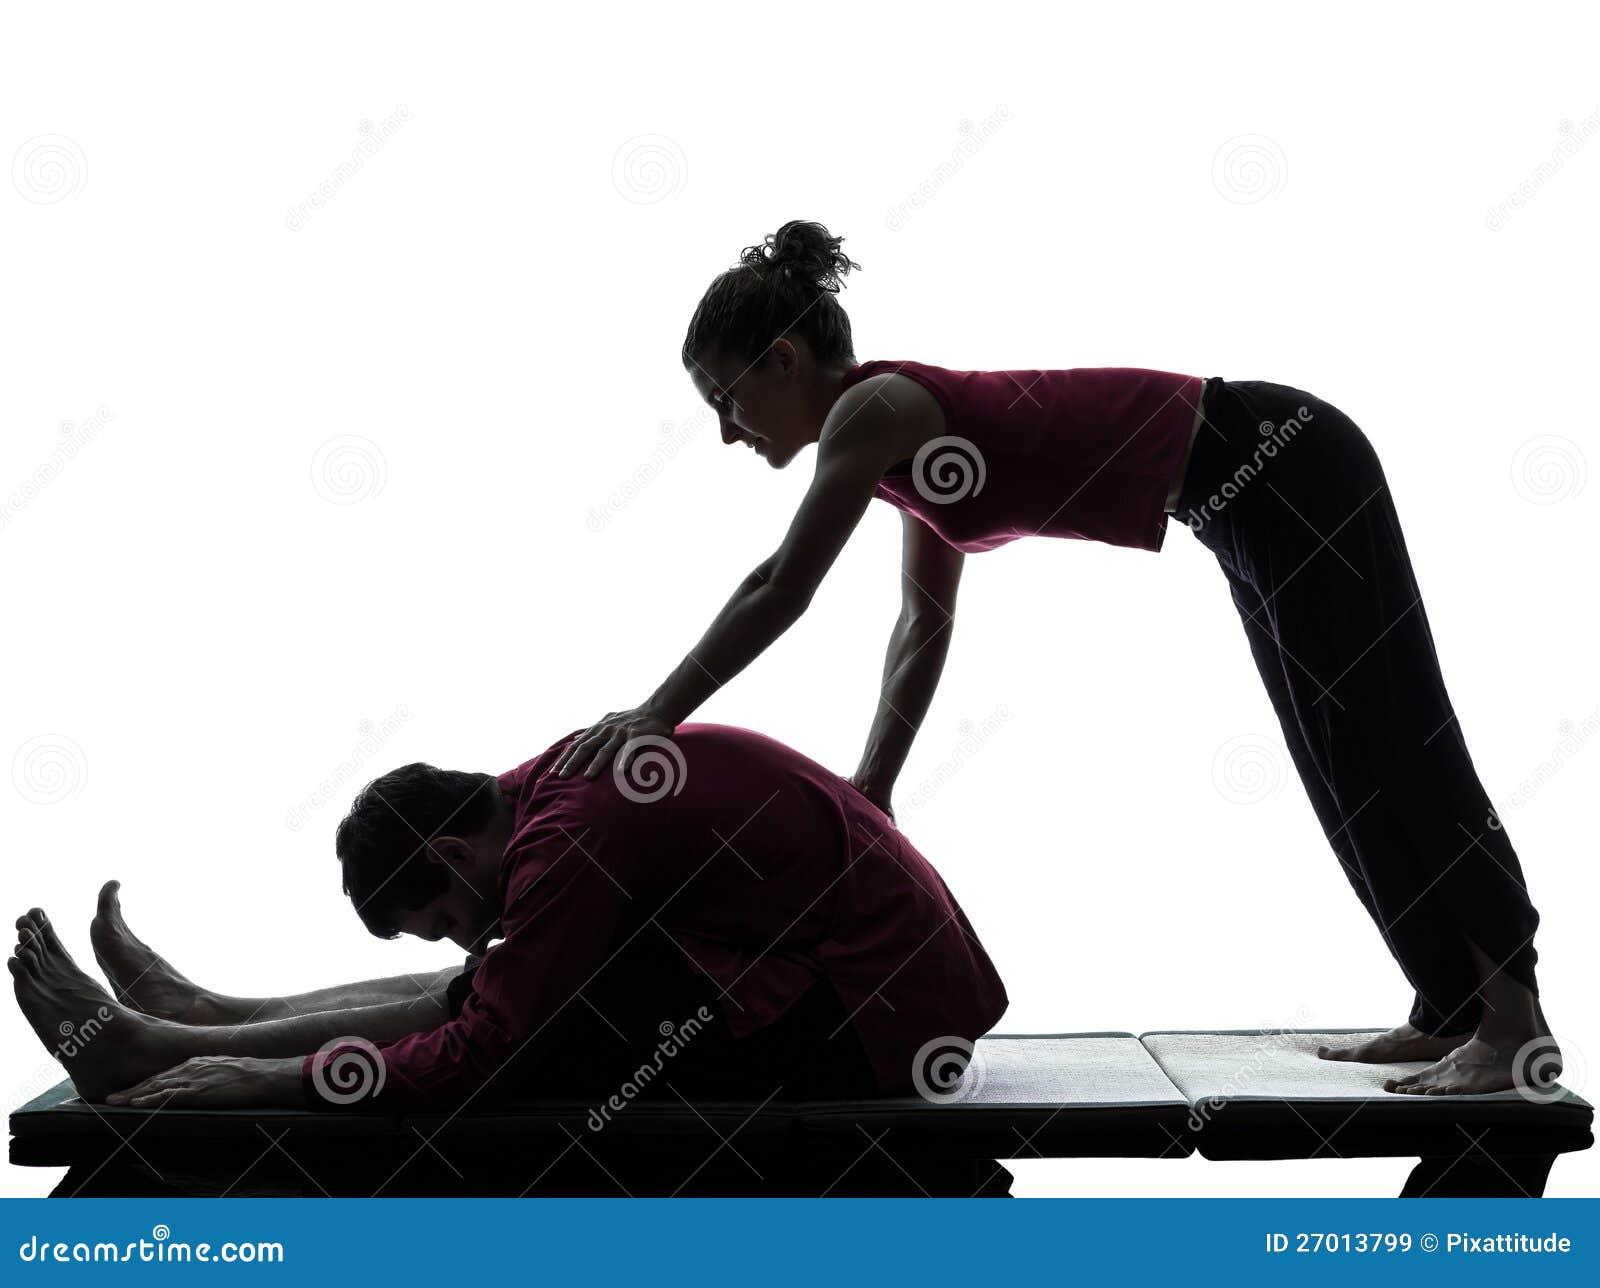 nong thai massage ball stretcher